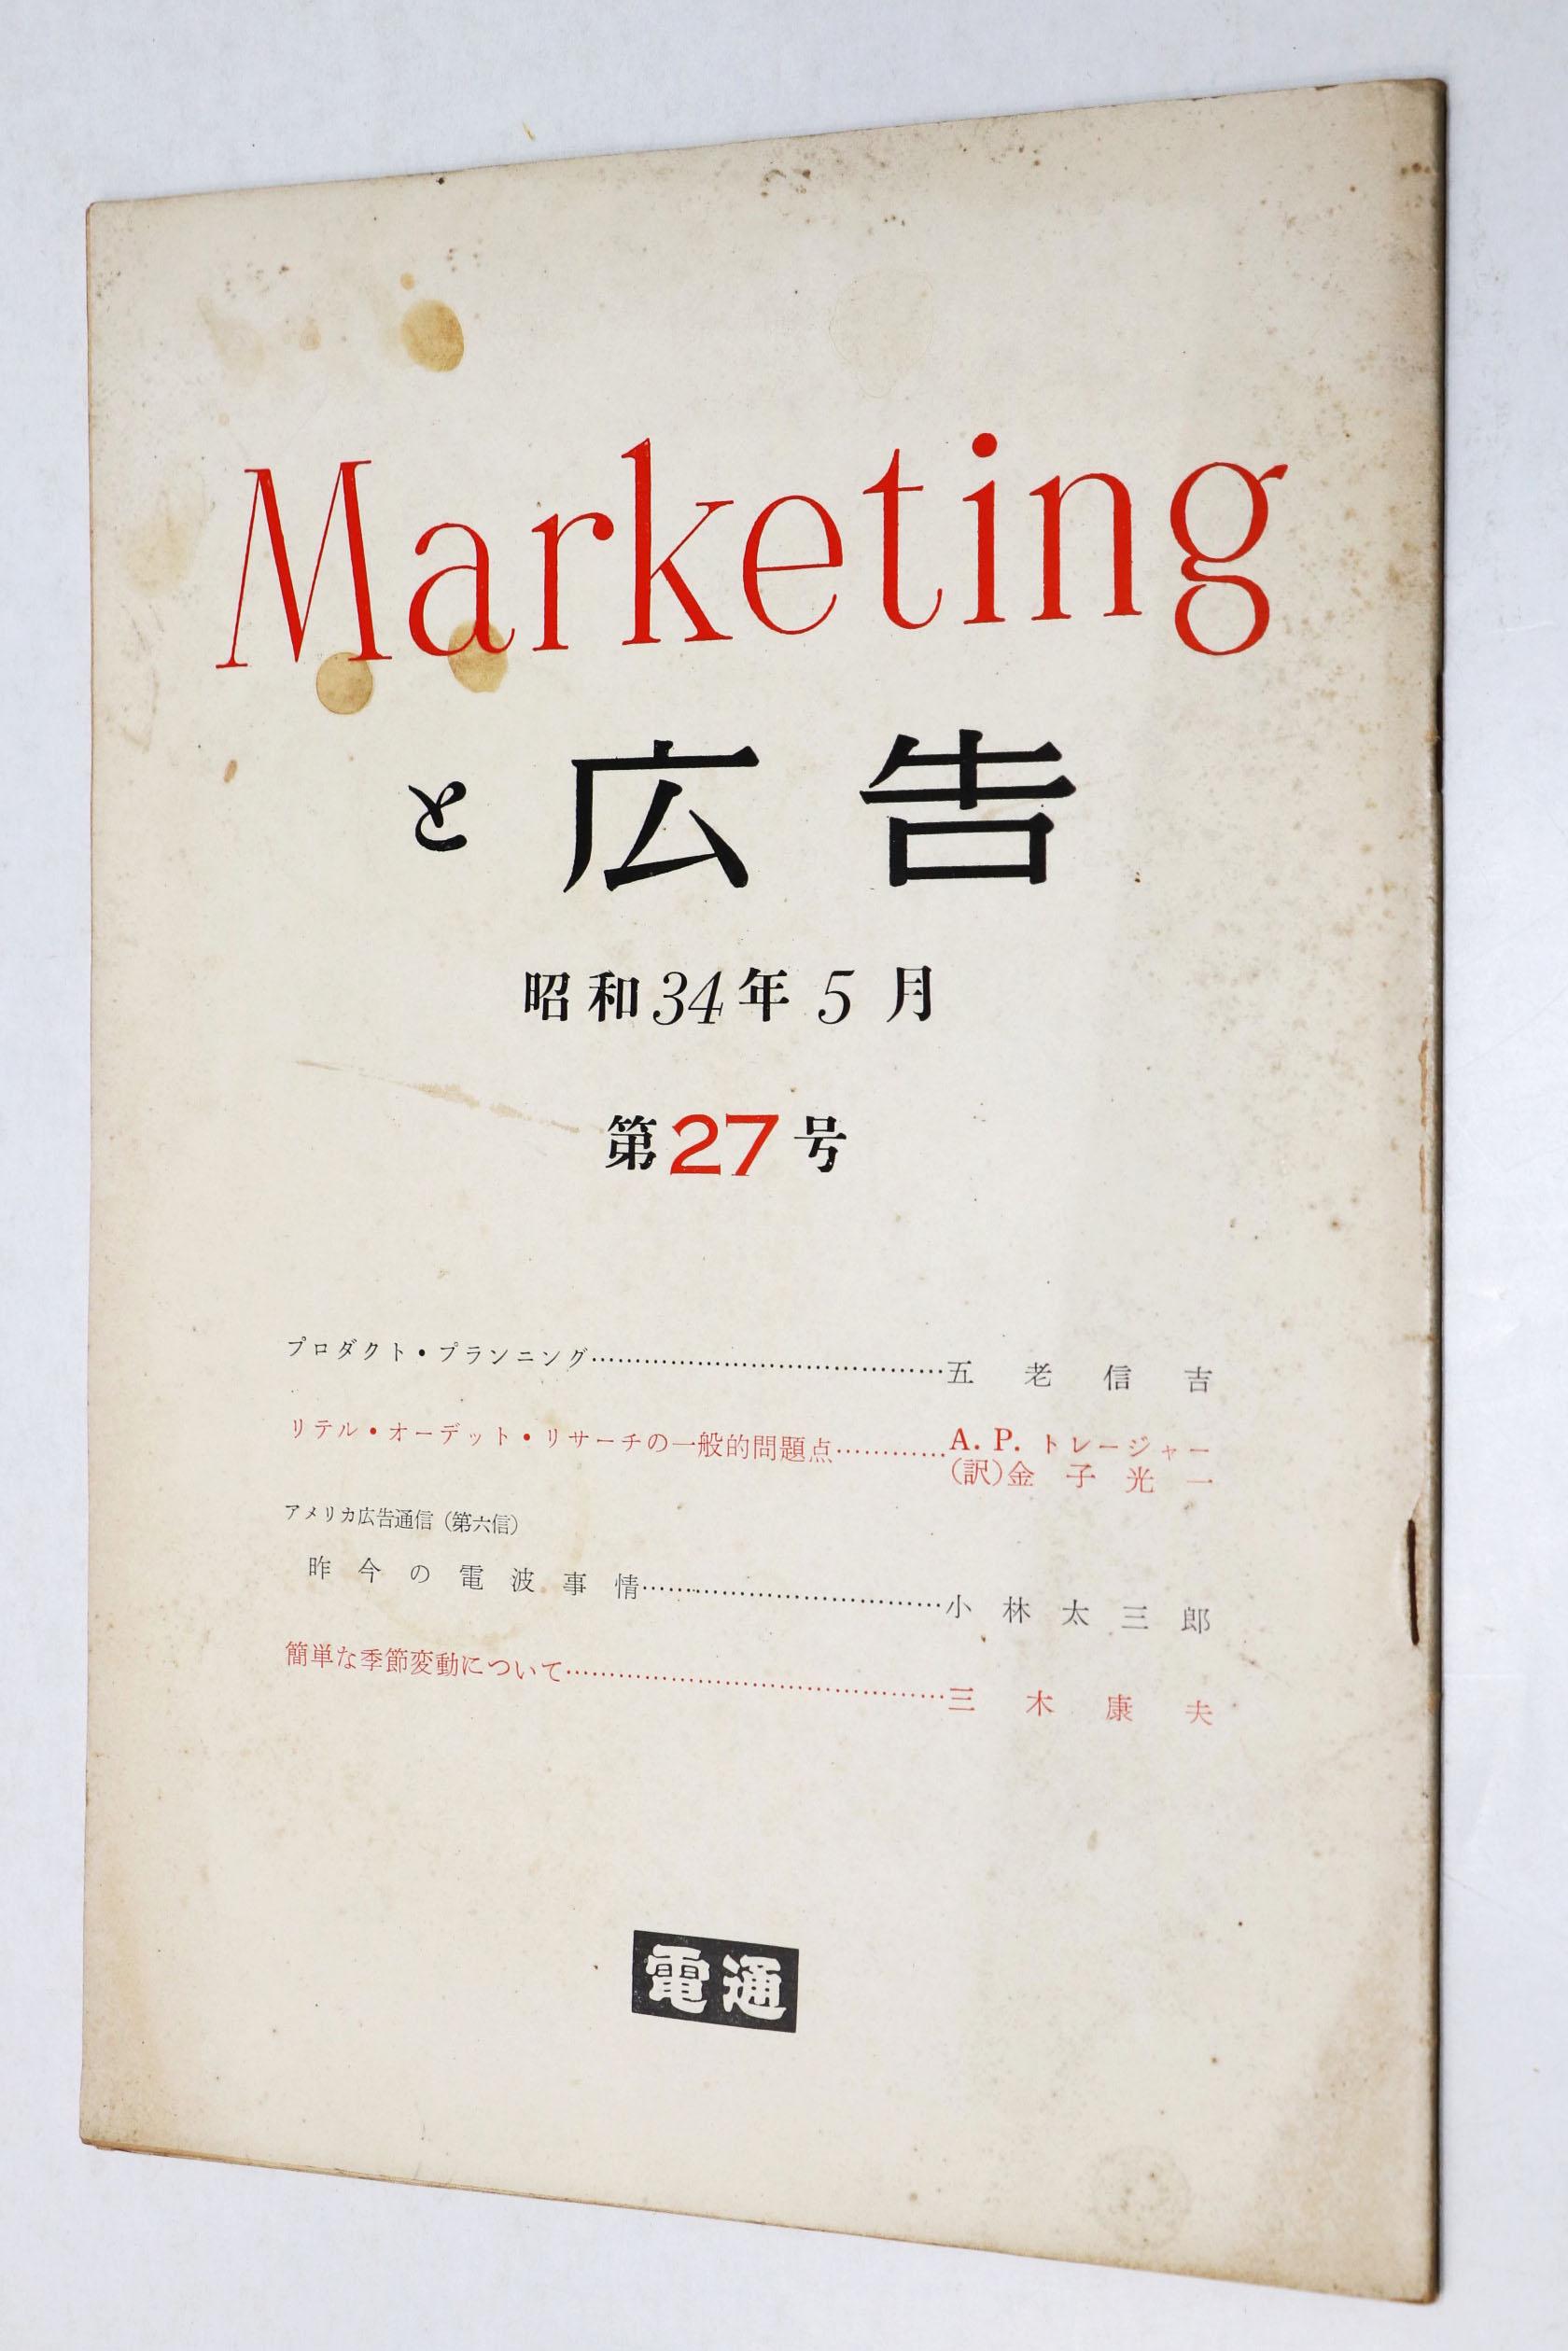 月刊 MARKETINGと広告 第27号 昭和34年5月